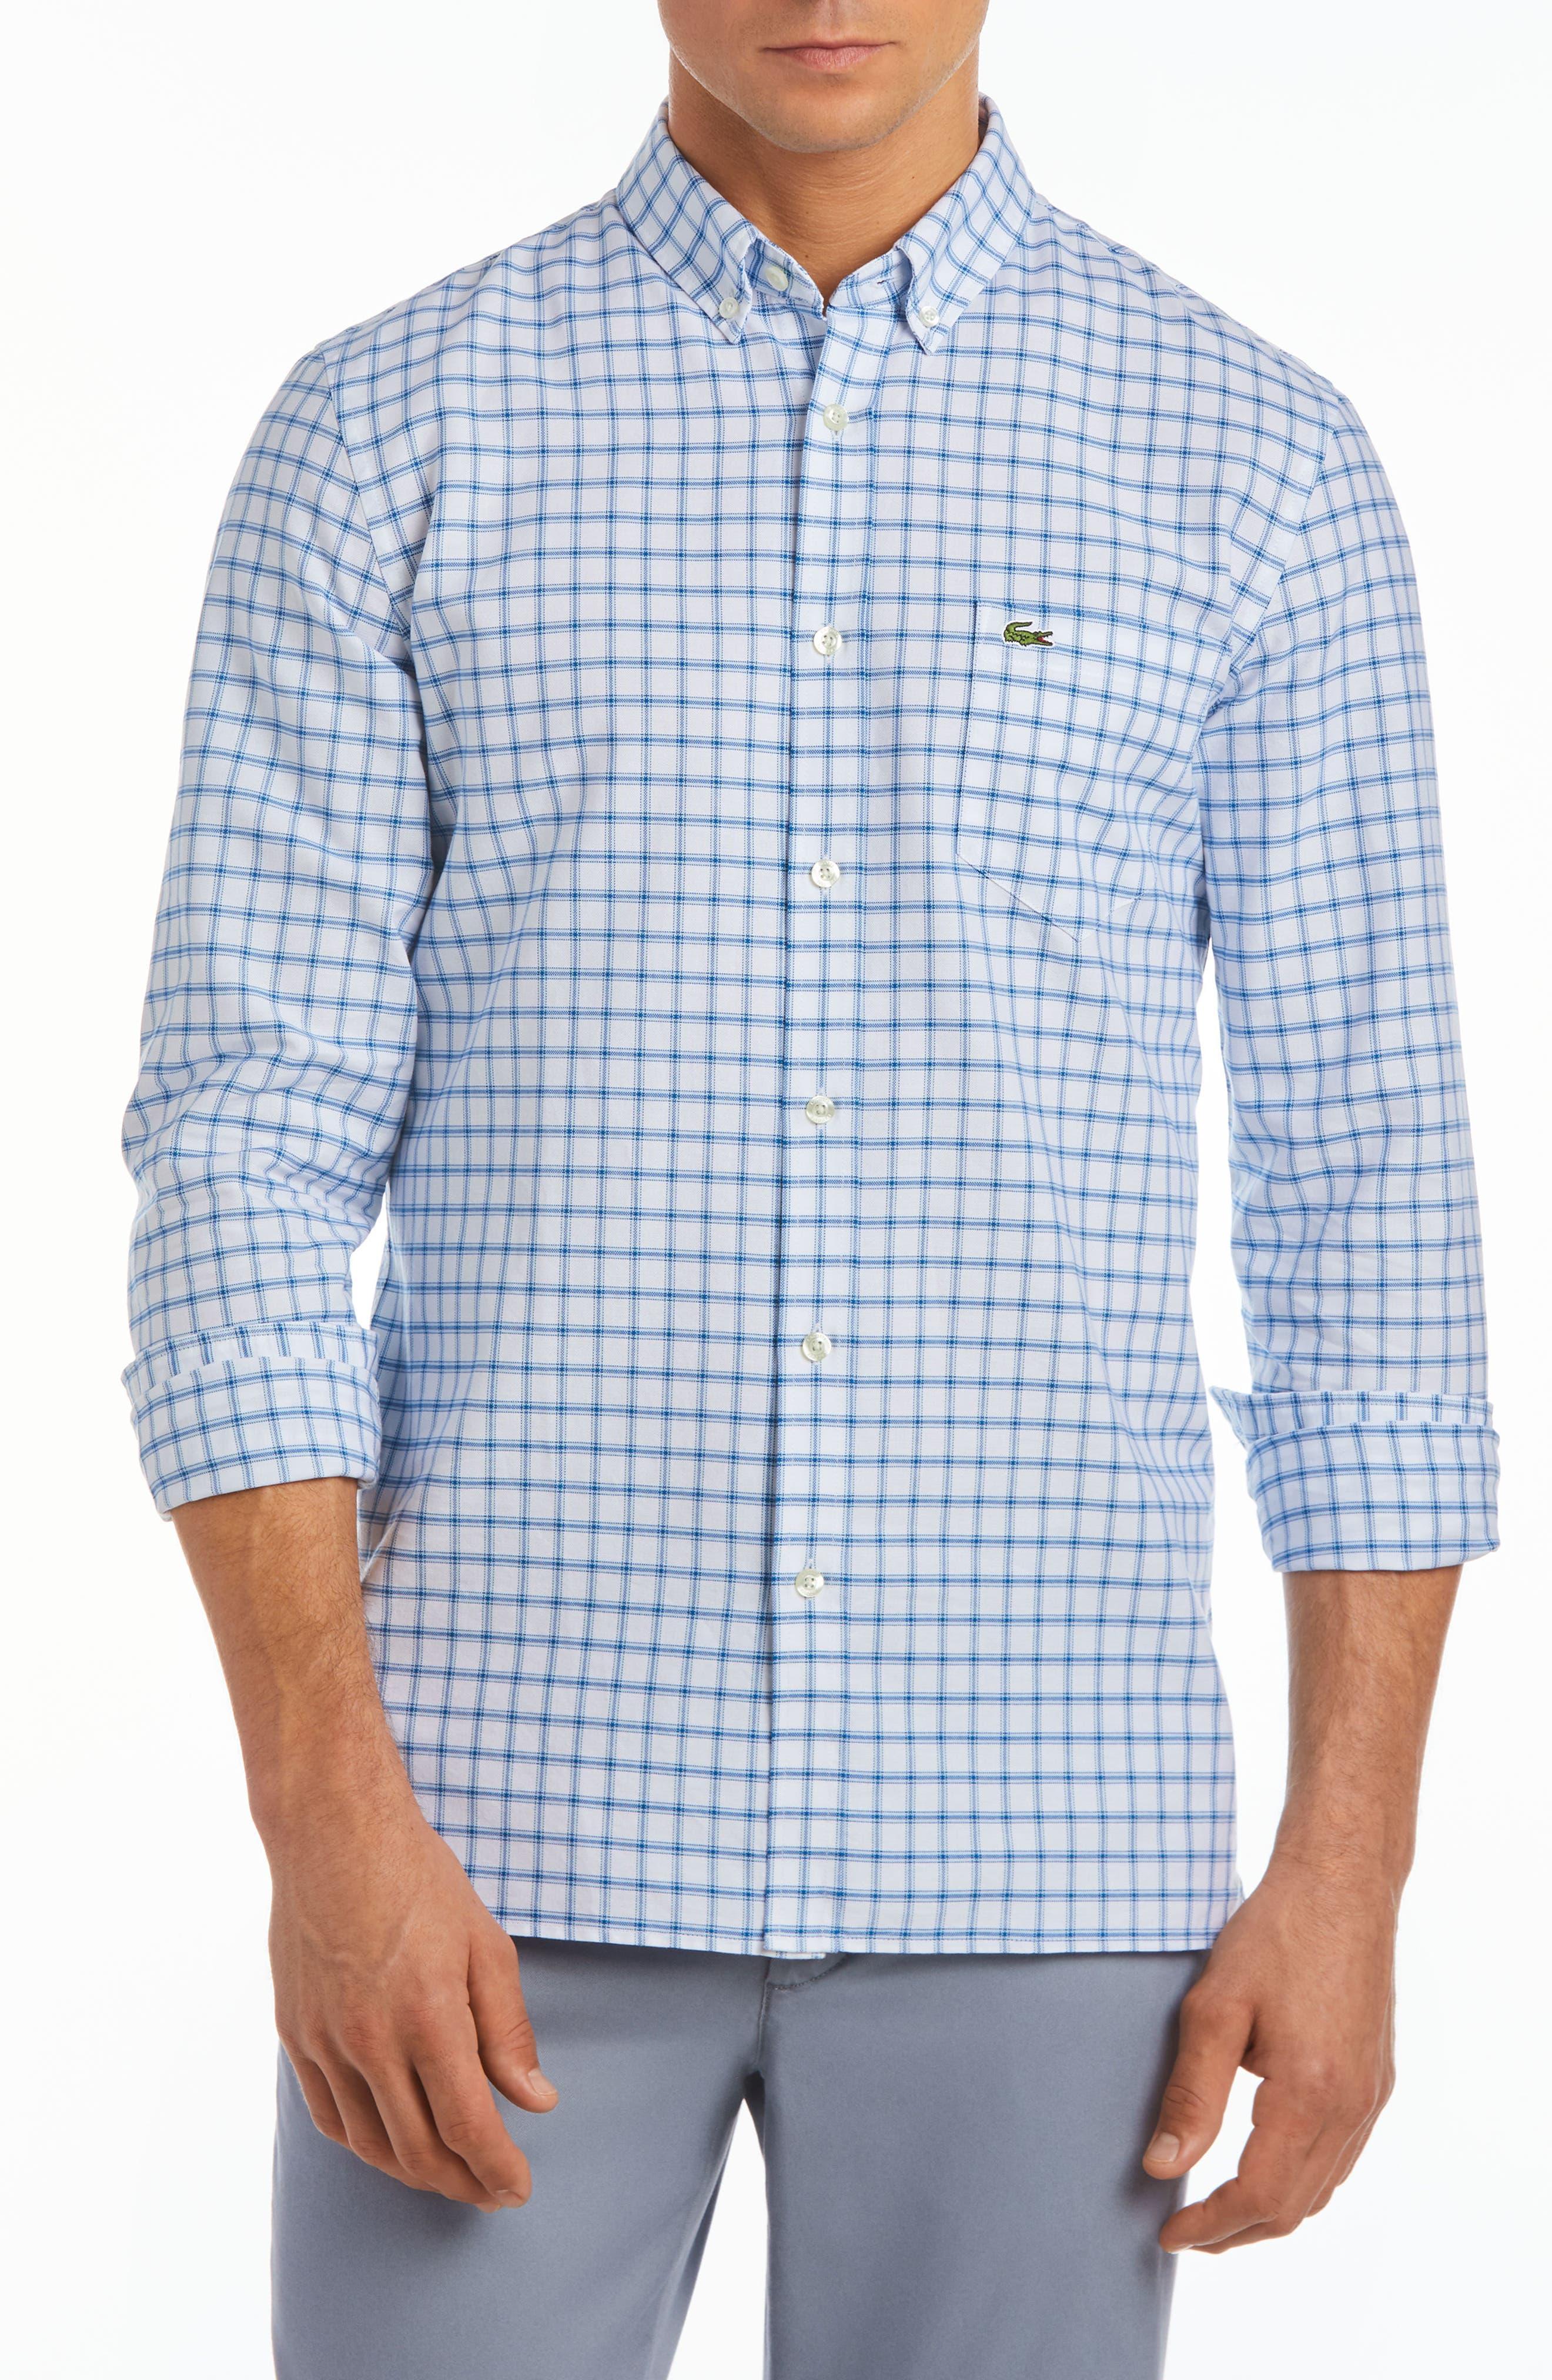 Main Image - Lacoste Slim Fit Grid Cotton Sport Shirt